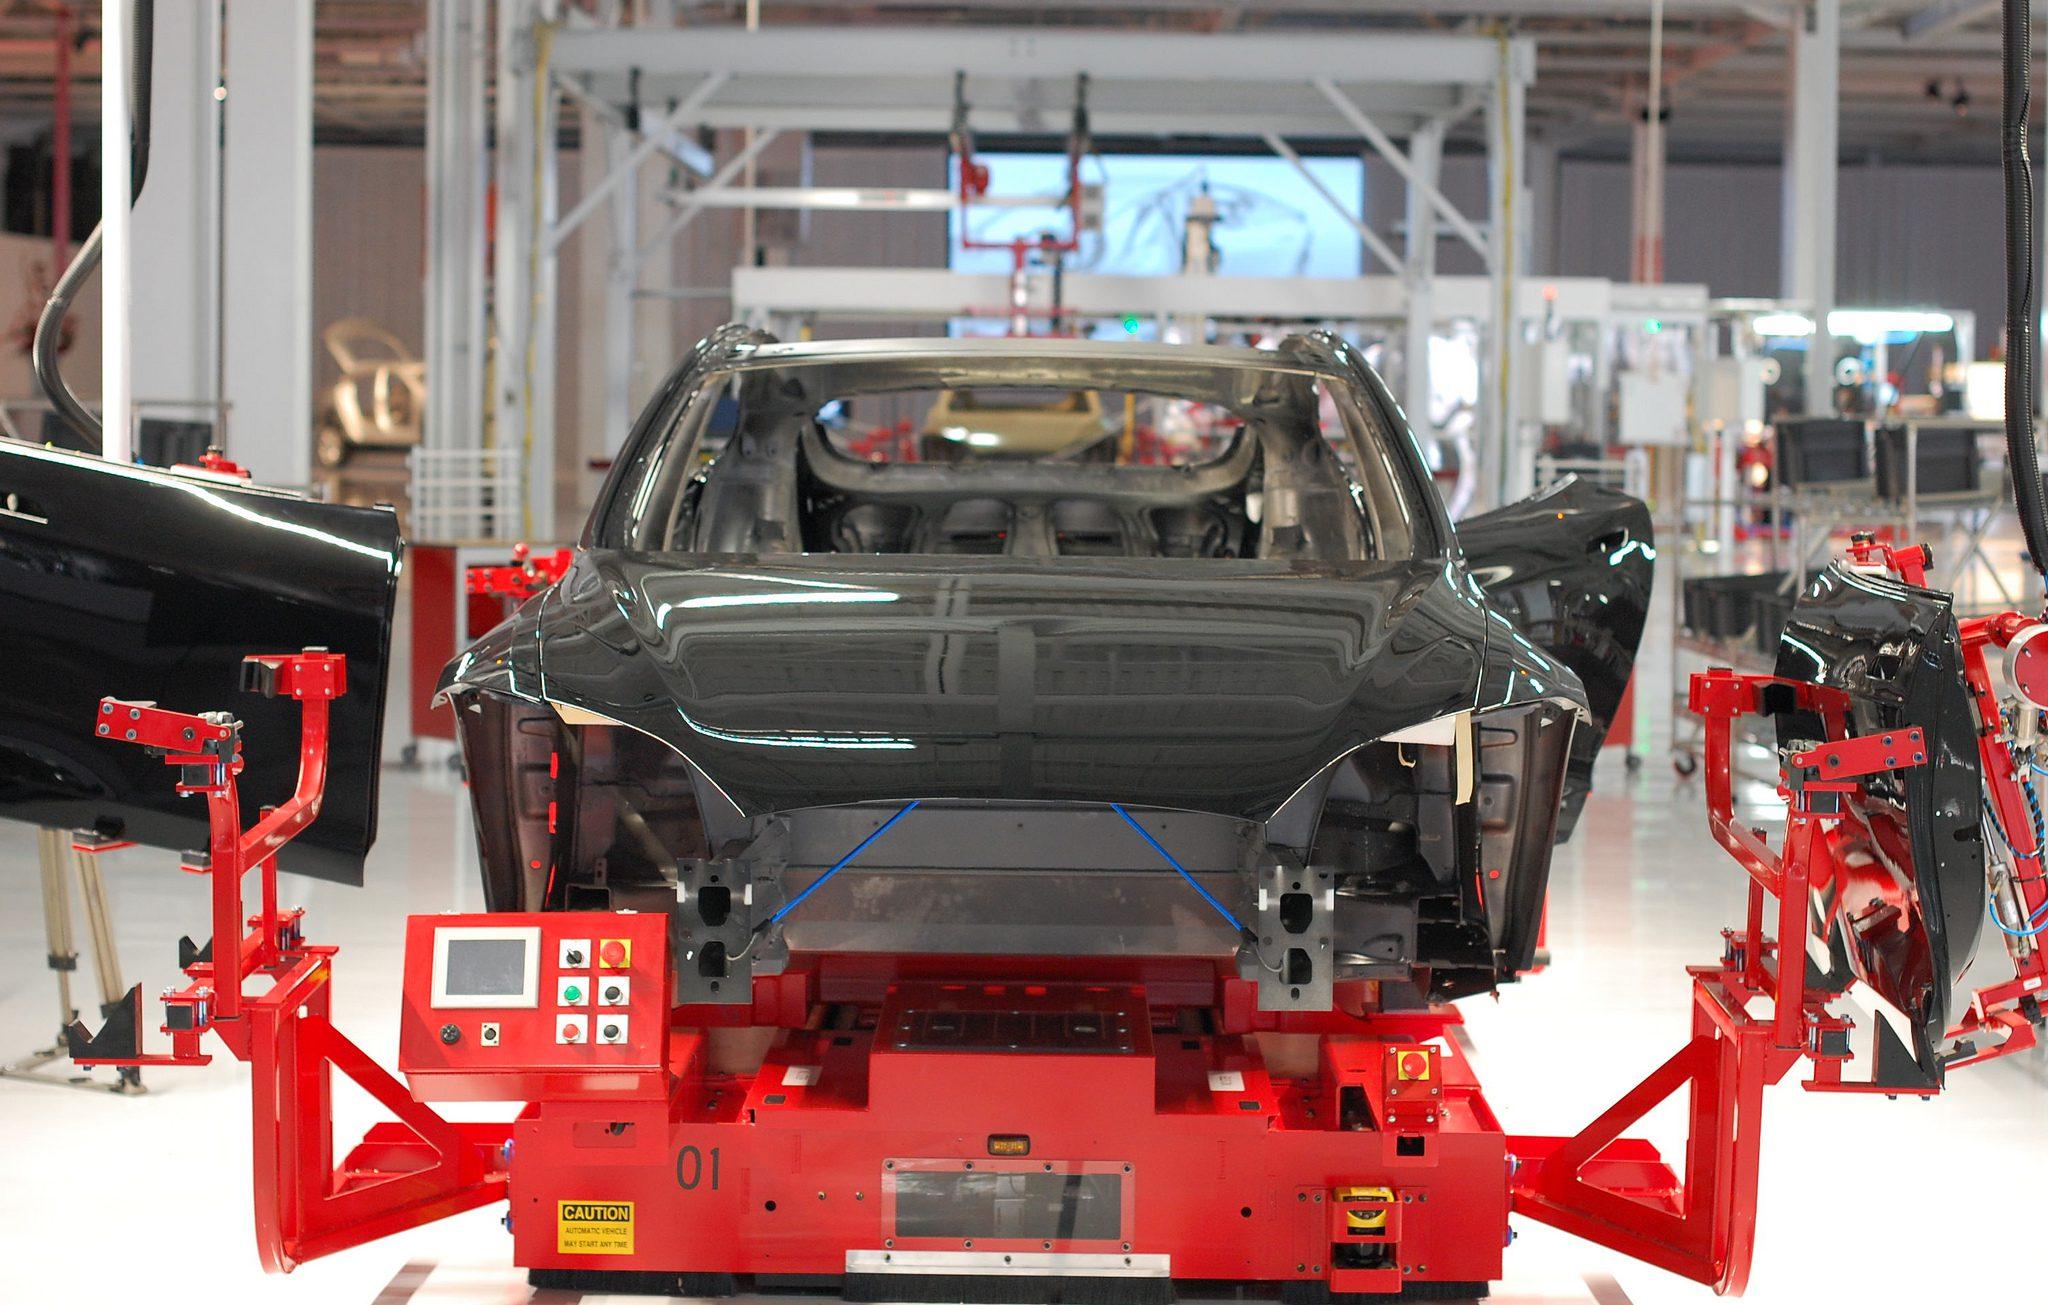 Тесла обнародовал заявление о днях безопасности работников перед докладом о разорении